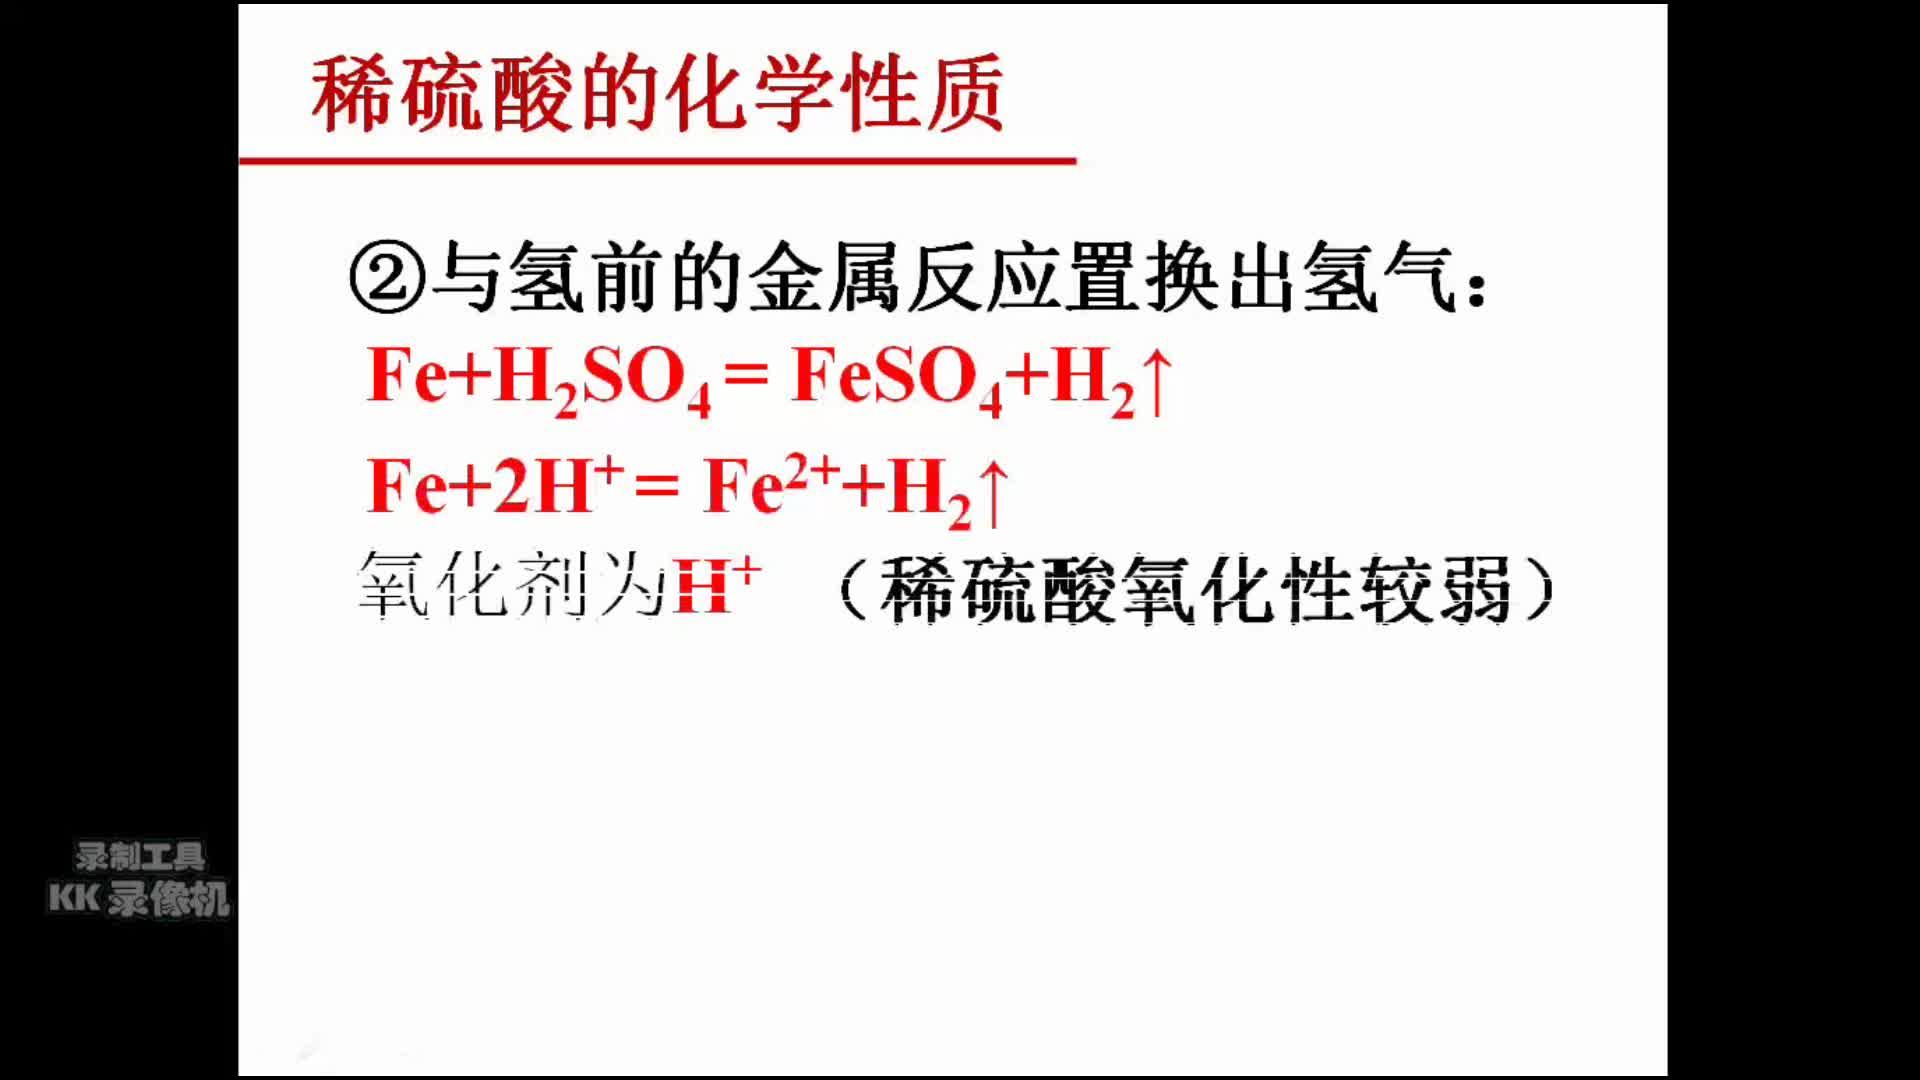 滬教版高中化學高一下冊-5.3硫酸-稀硫酸的性質 視頻微課